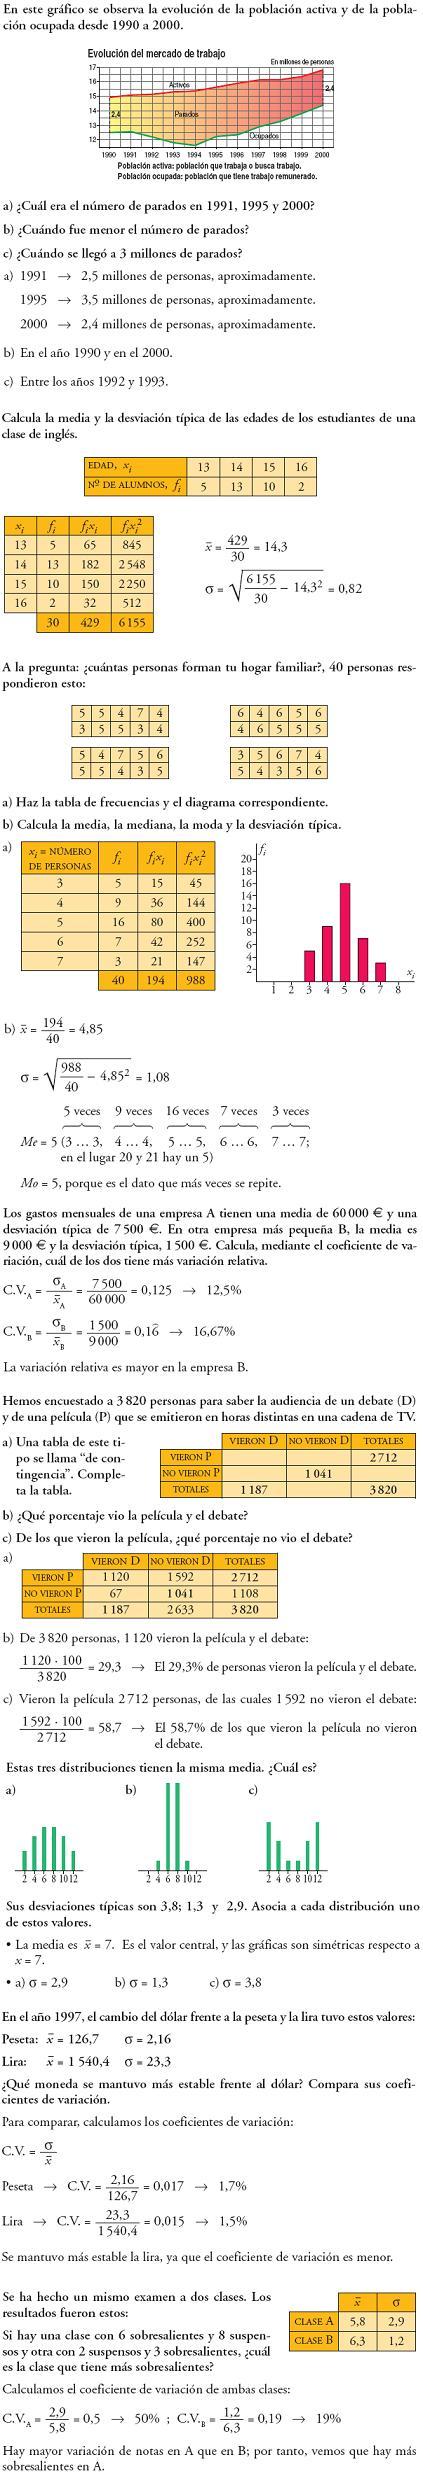 Matemáticas. Piensa y resuelve. Problemas resueltos 3ºESO de estadística